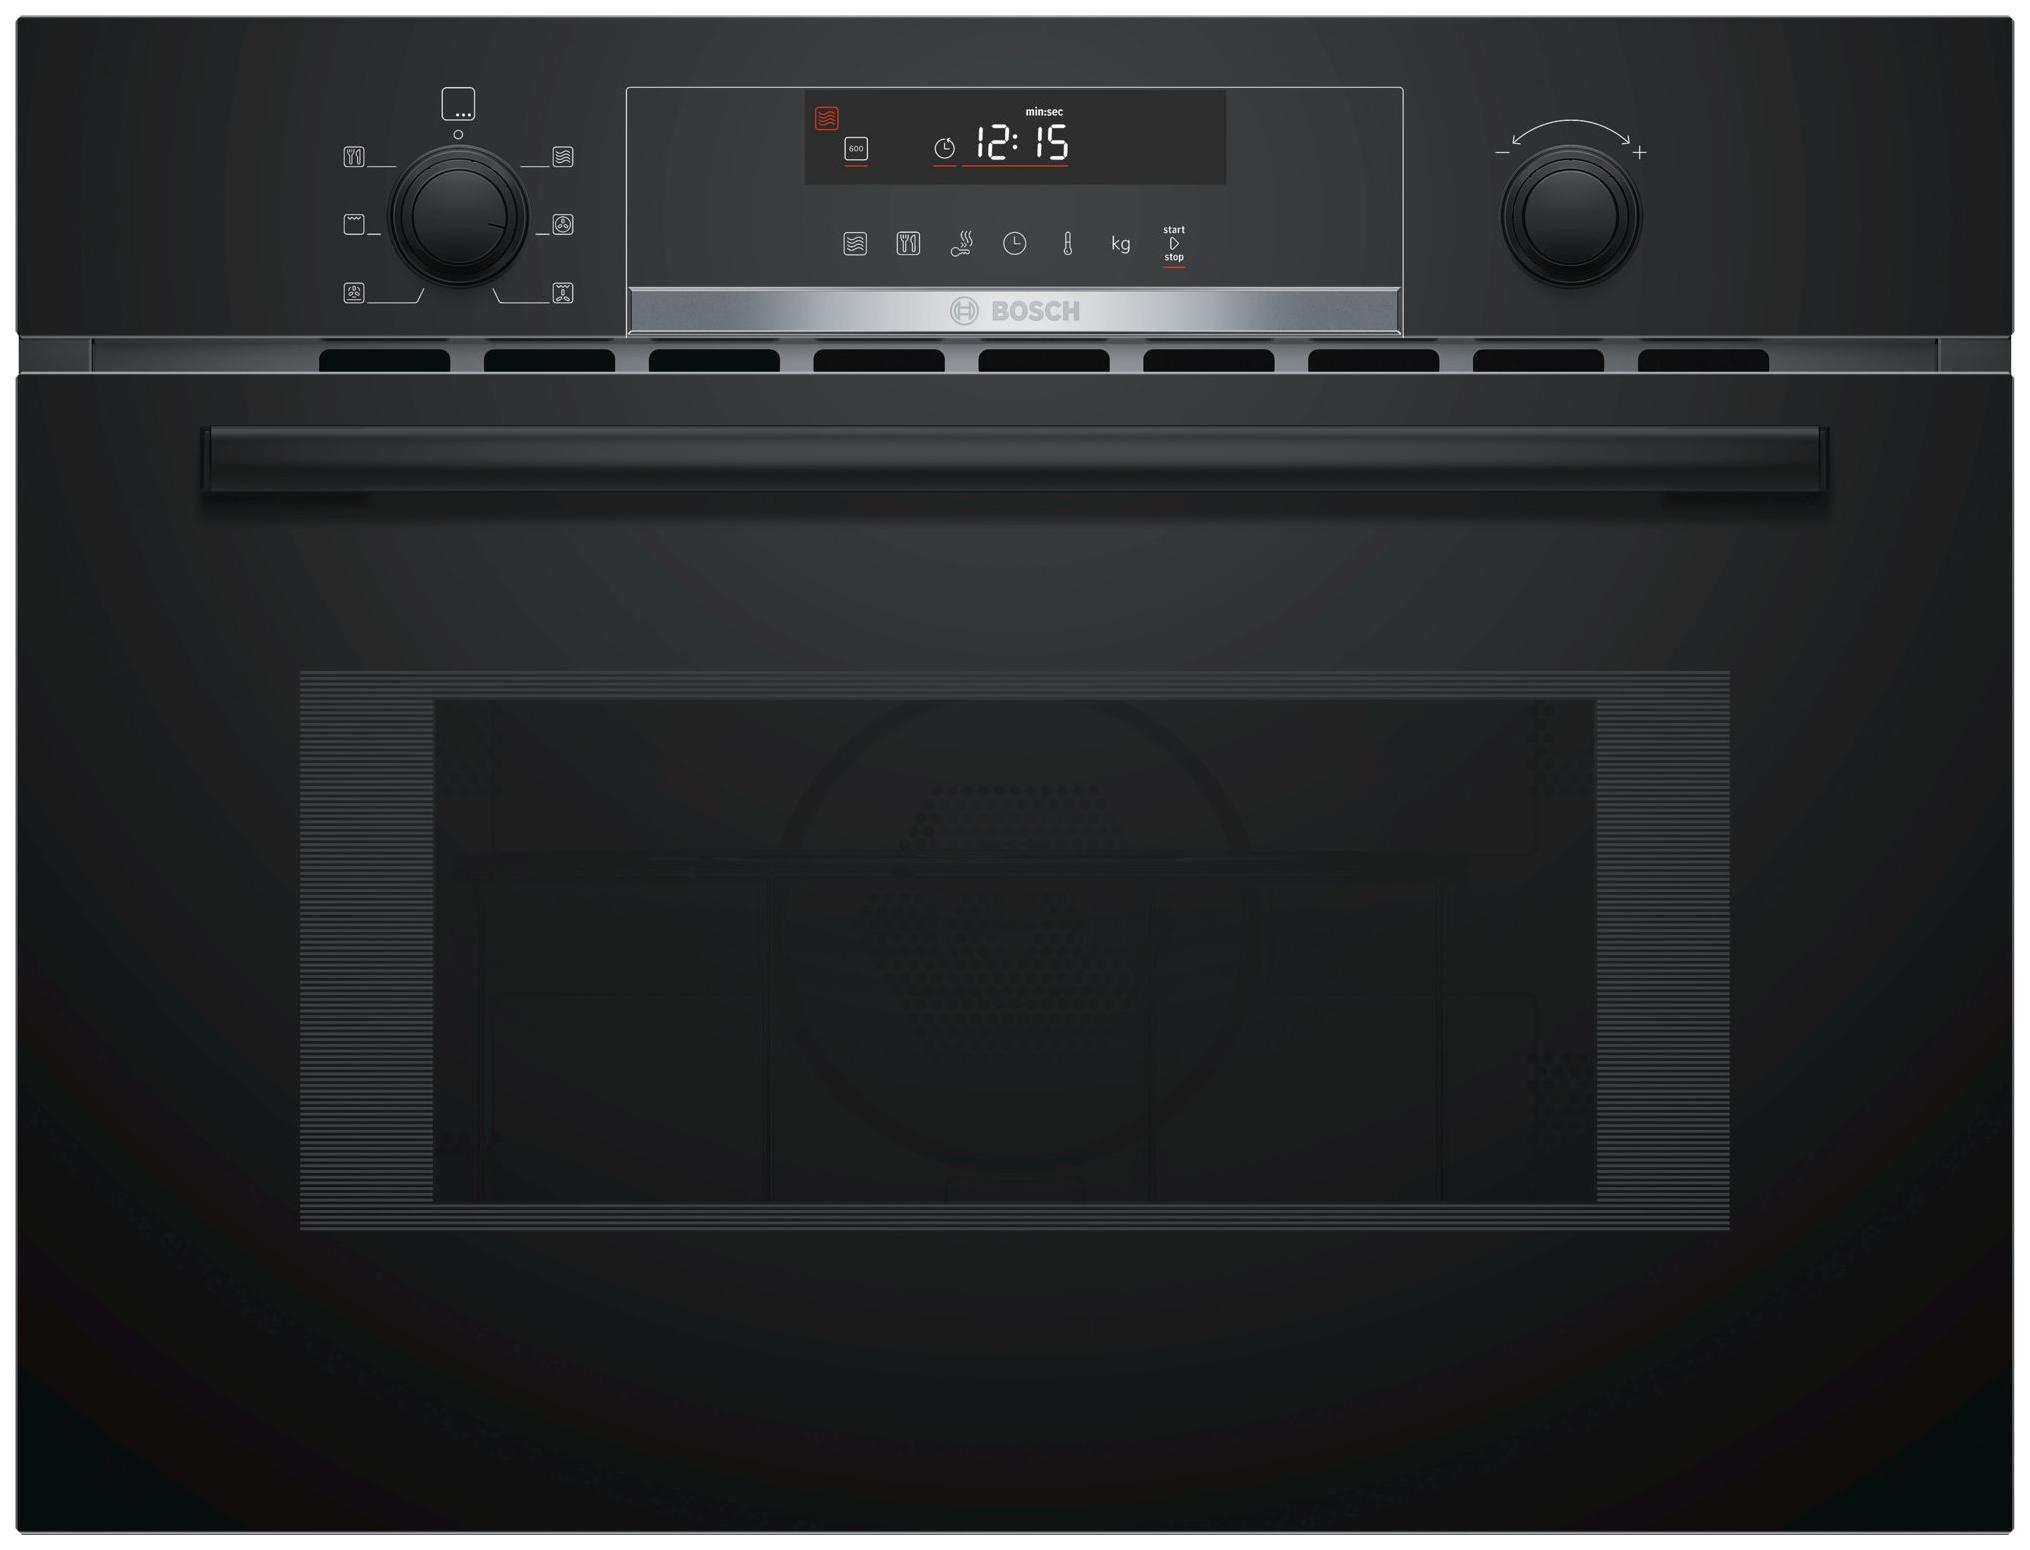 Встраиваемая микроволновая печь с грилем и конвекцией Bosch Serie 6 CMA585MB0 фото